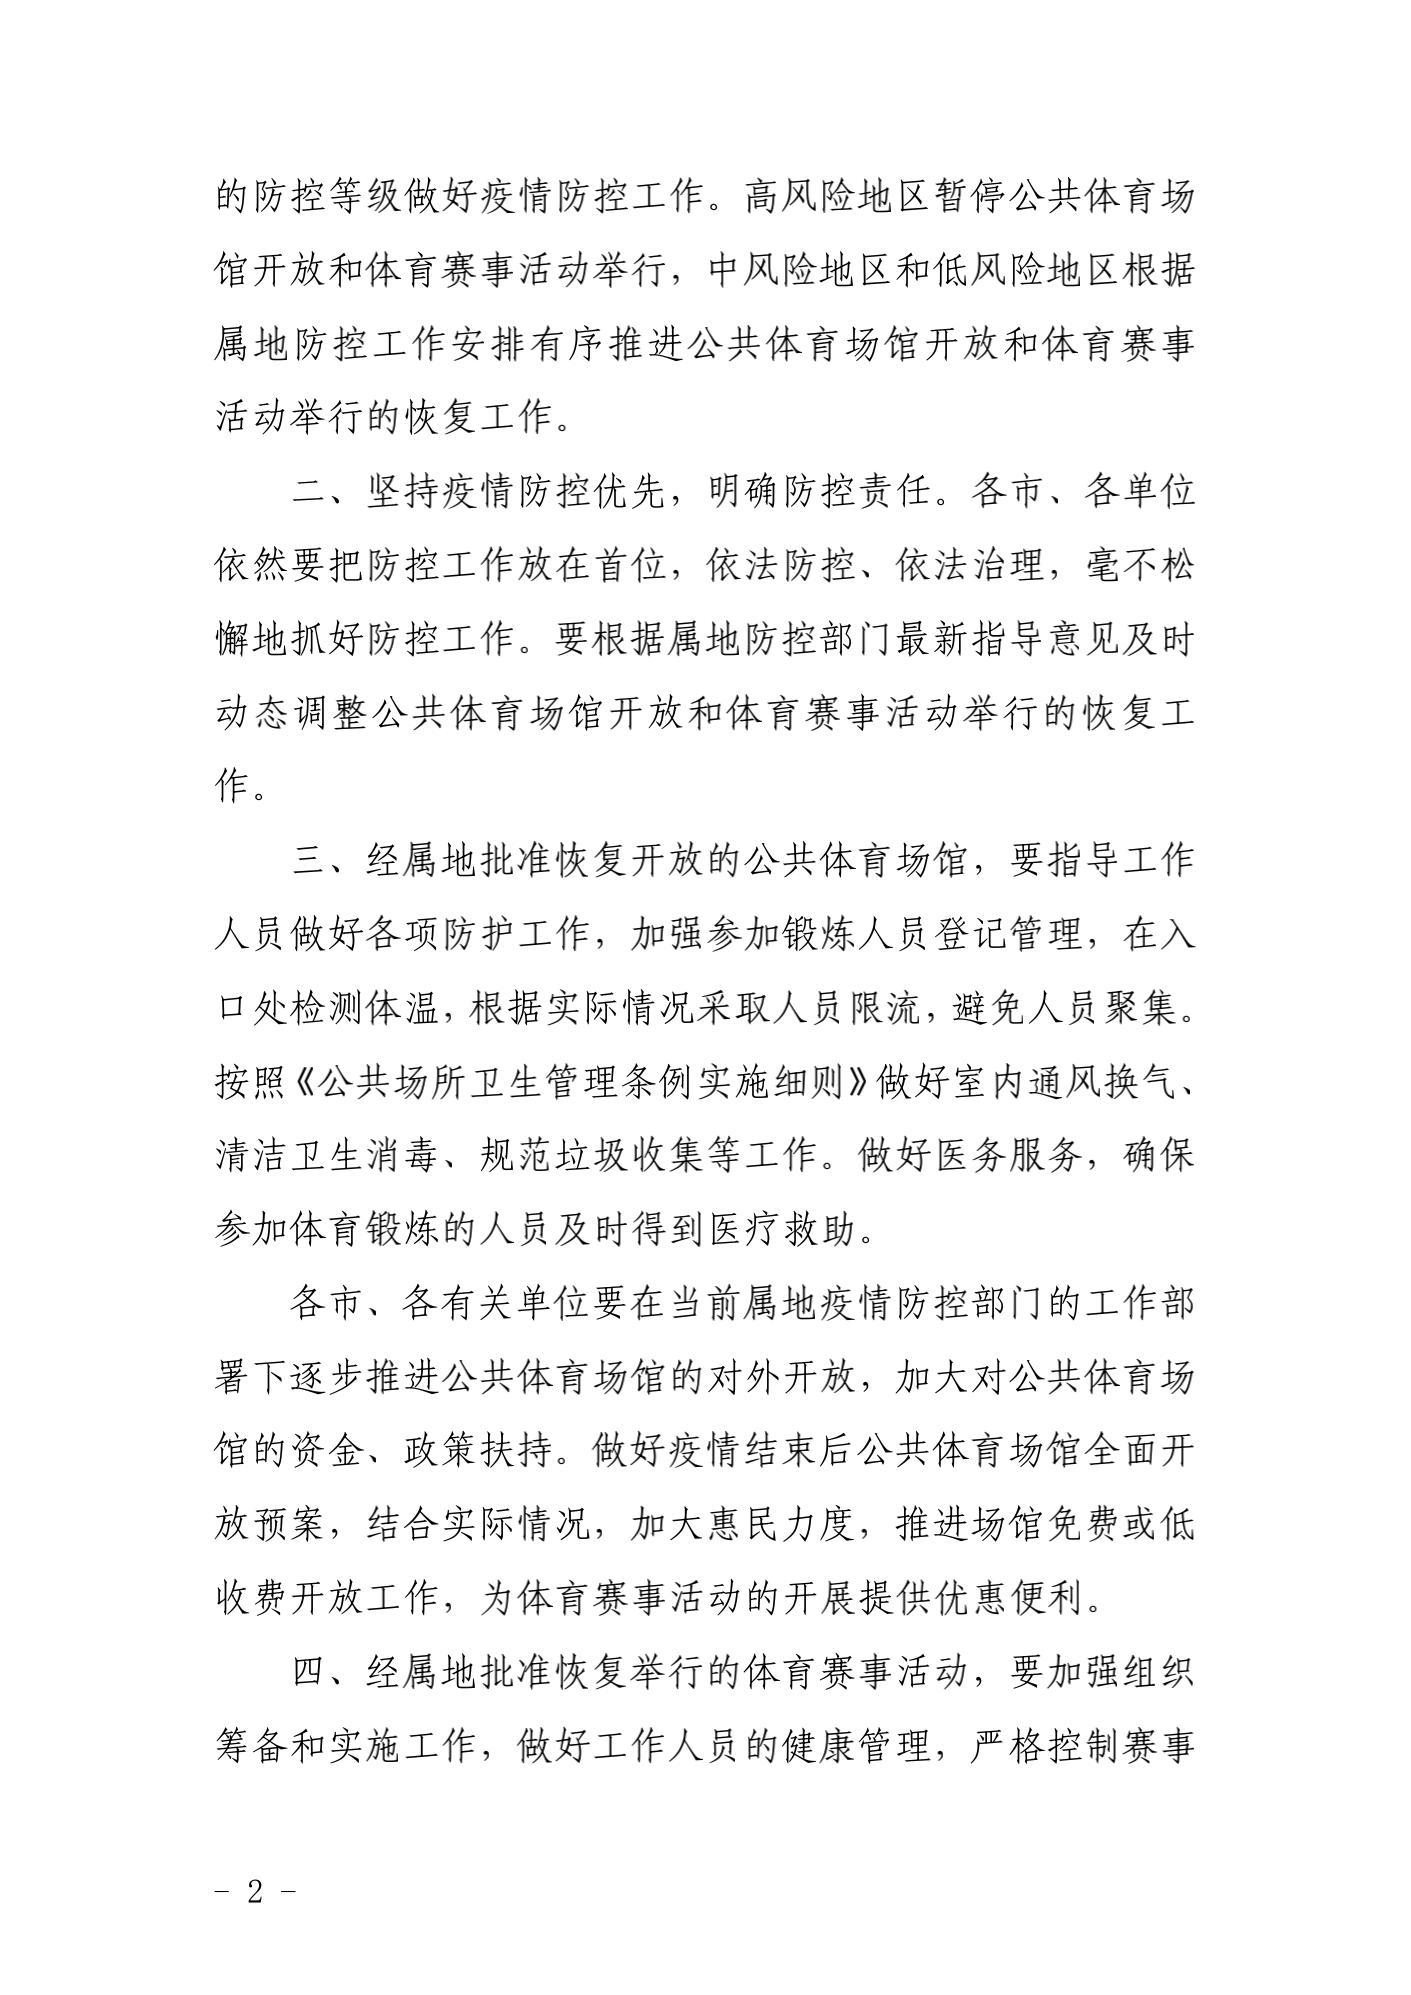 省体育局文件(1)_01.jpg